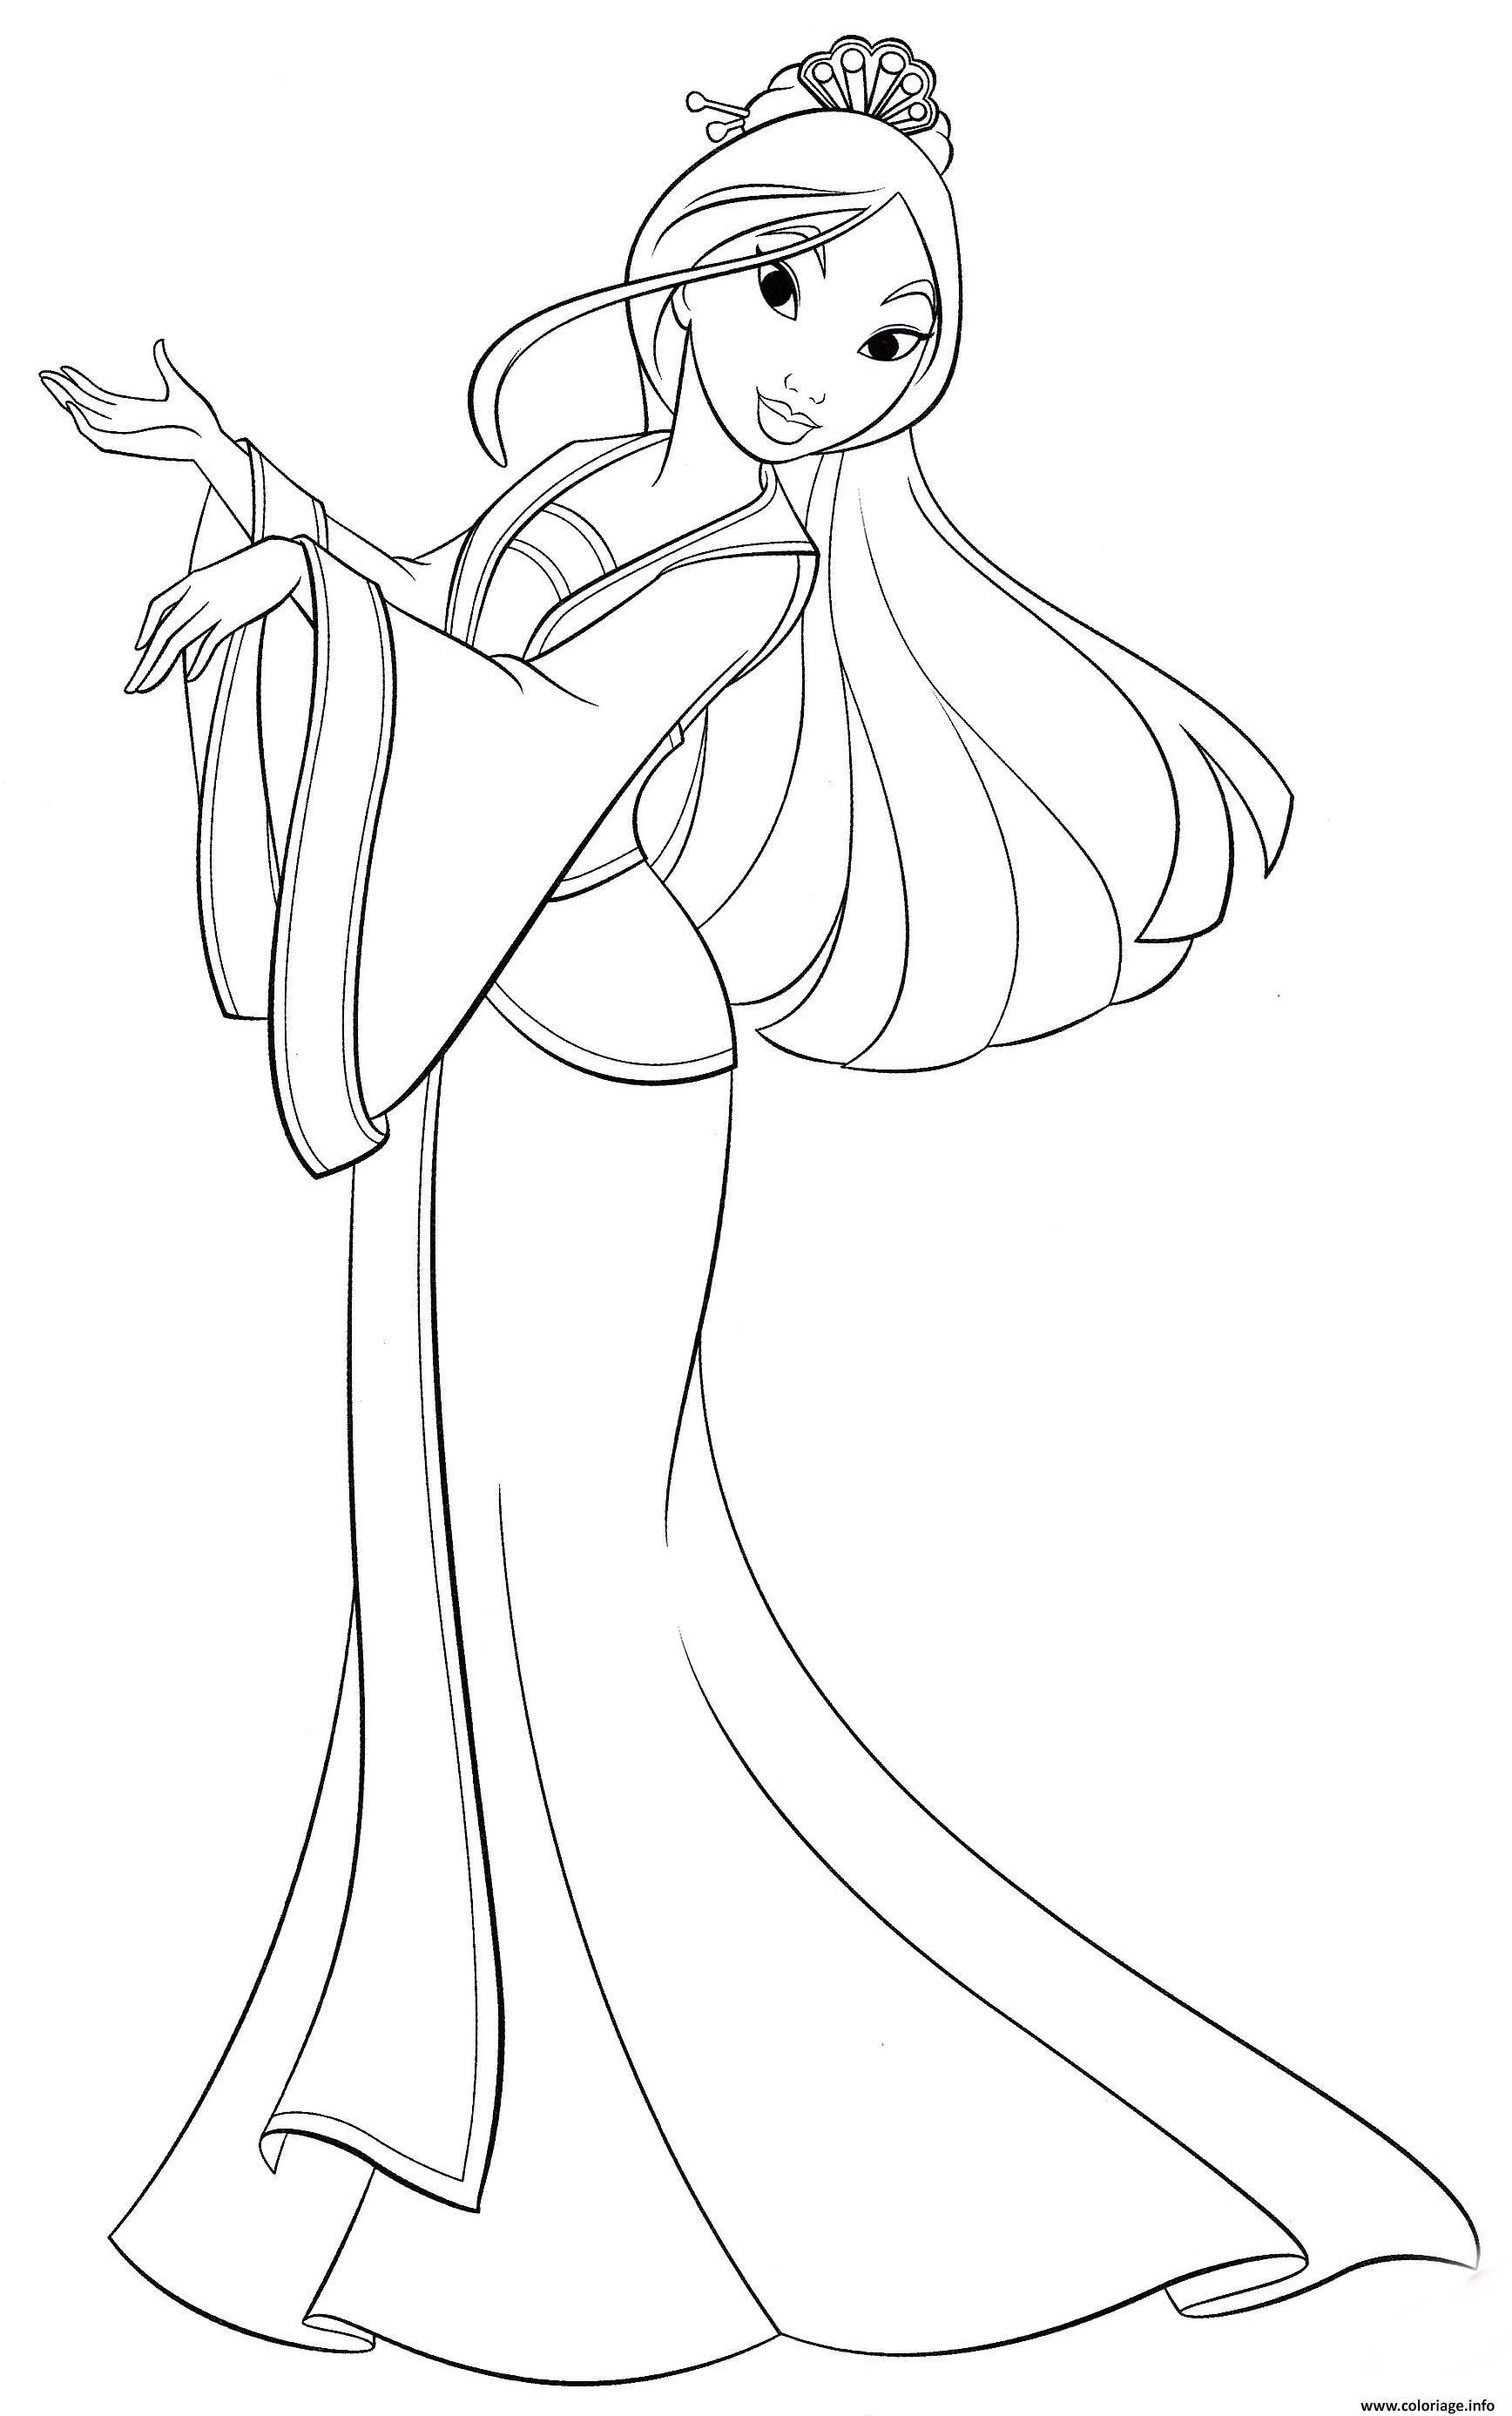 Coloriage Princesse Disney Mulan Legende chinoise de Fa Mulan